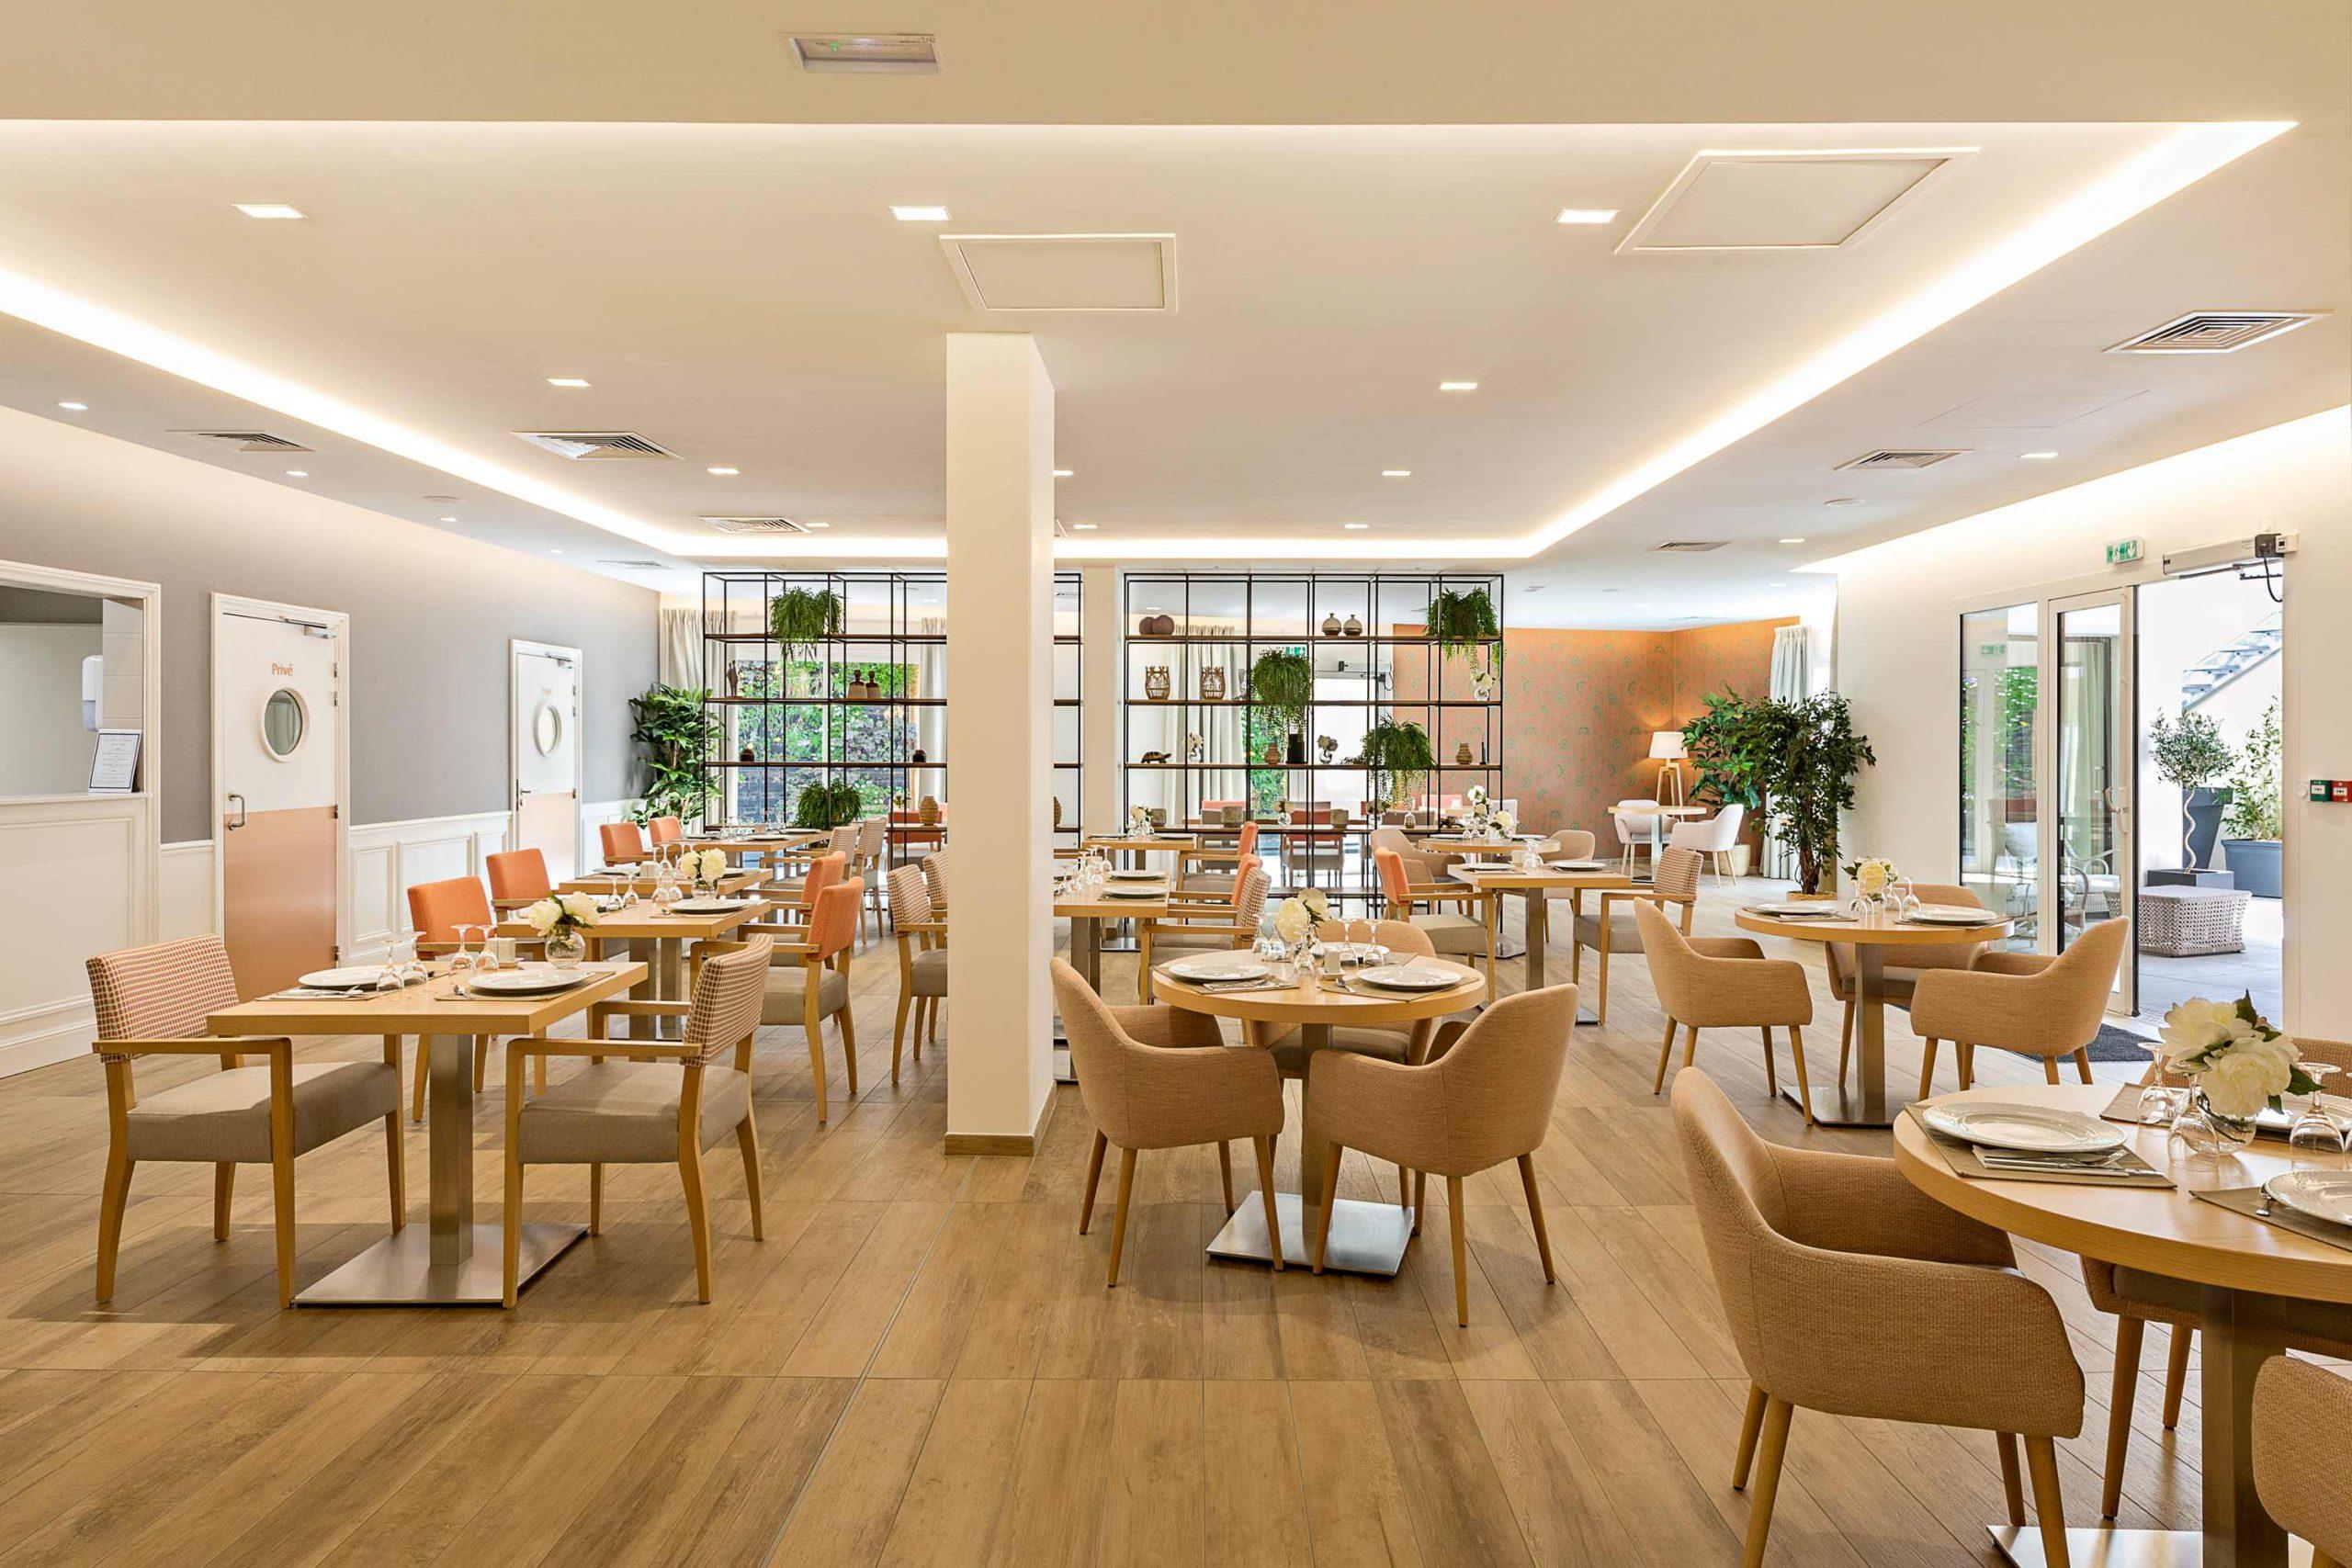 Résidence services seniors Nahoma La Calende Rouen restaurant